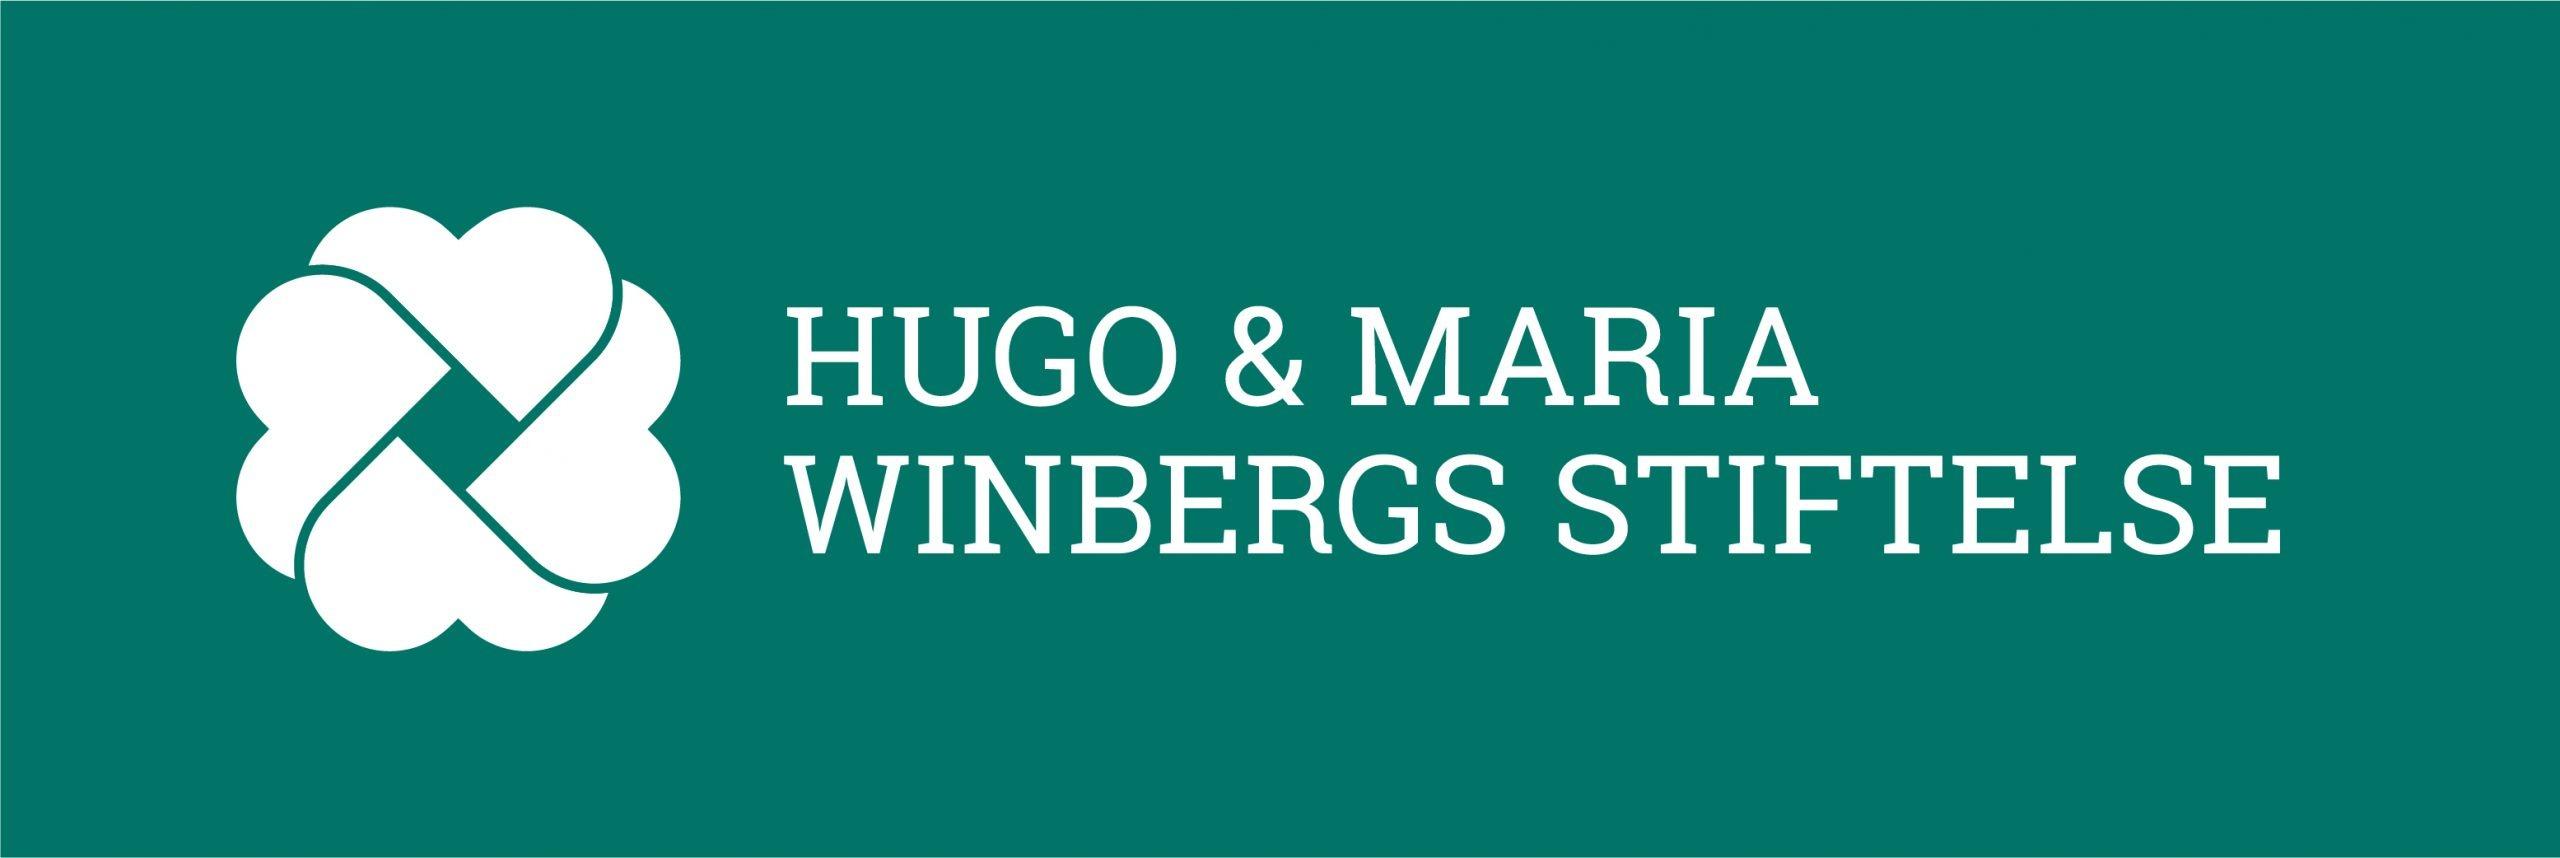 Corporate Identity straubmuellerstudios Stuttgart Logo Monochrom